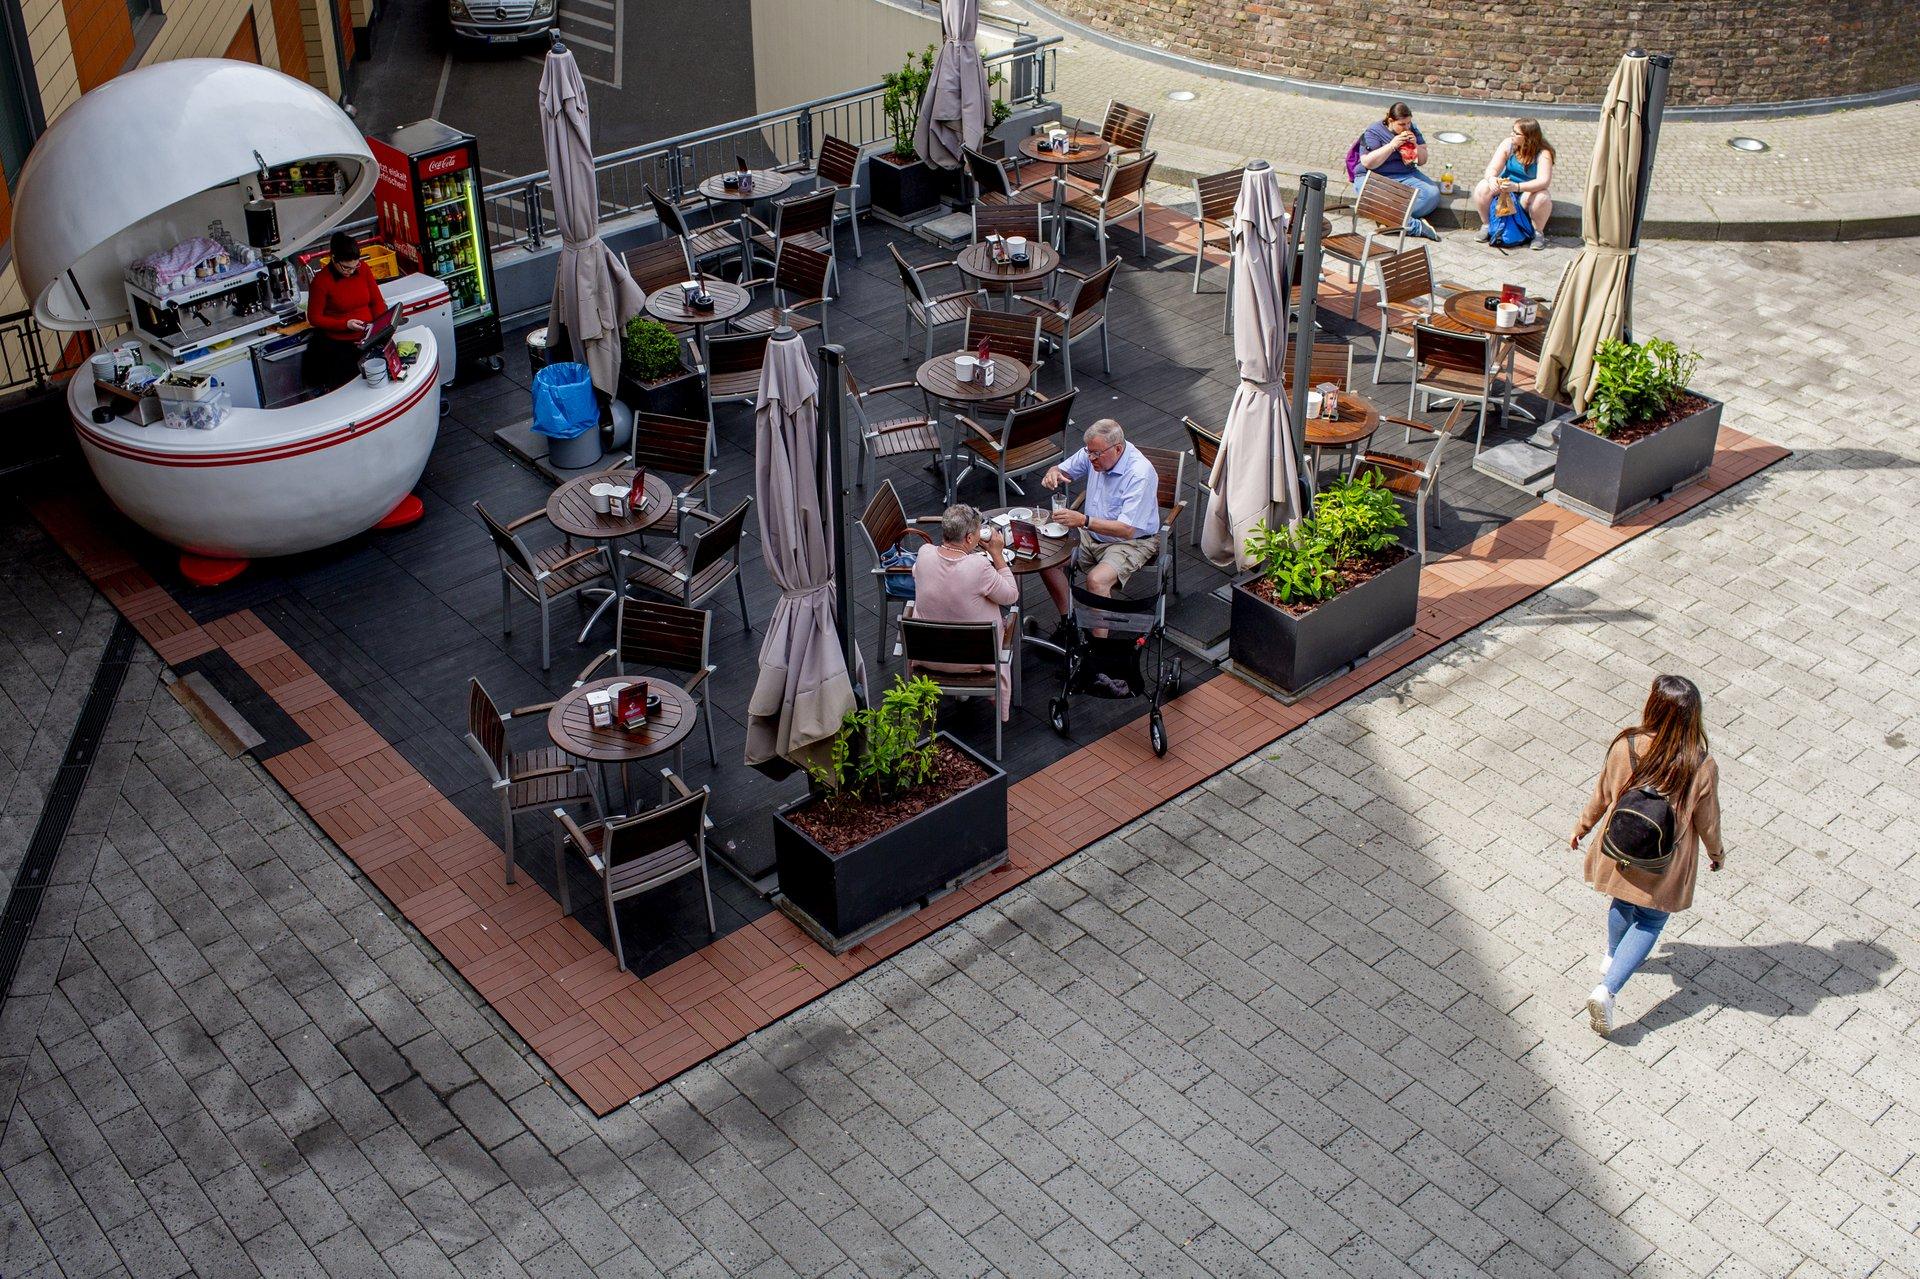 Im Café gegenüber vom Wasserturm einen Kaffee genießen.